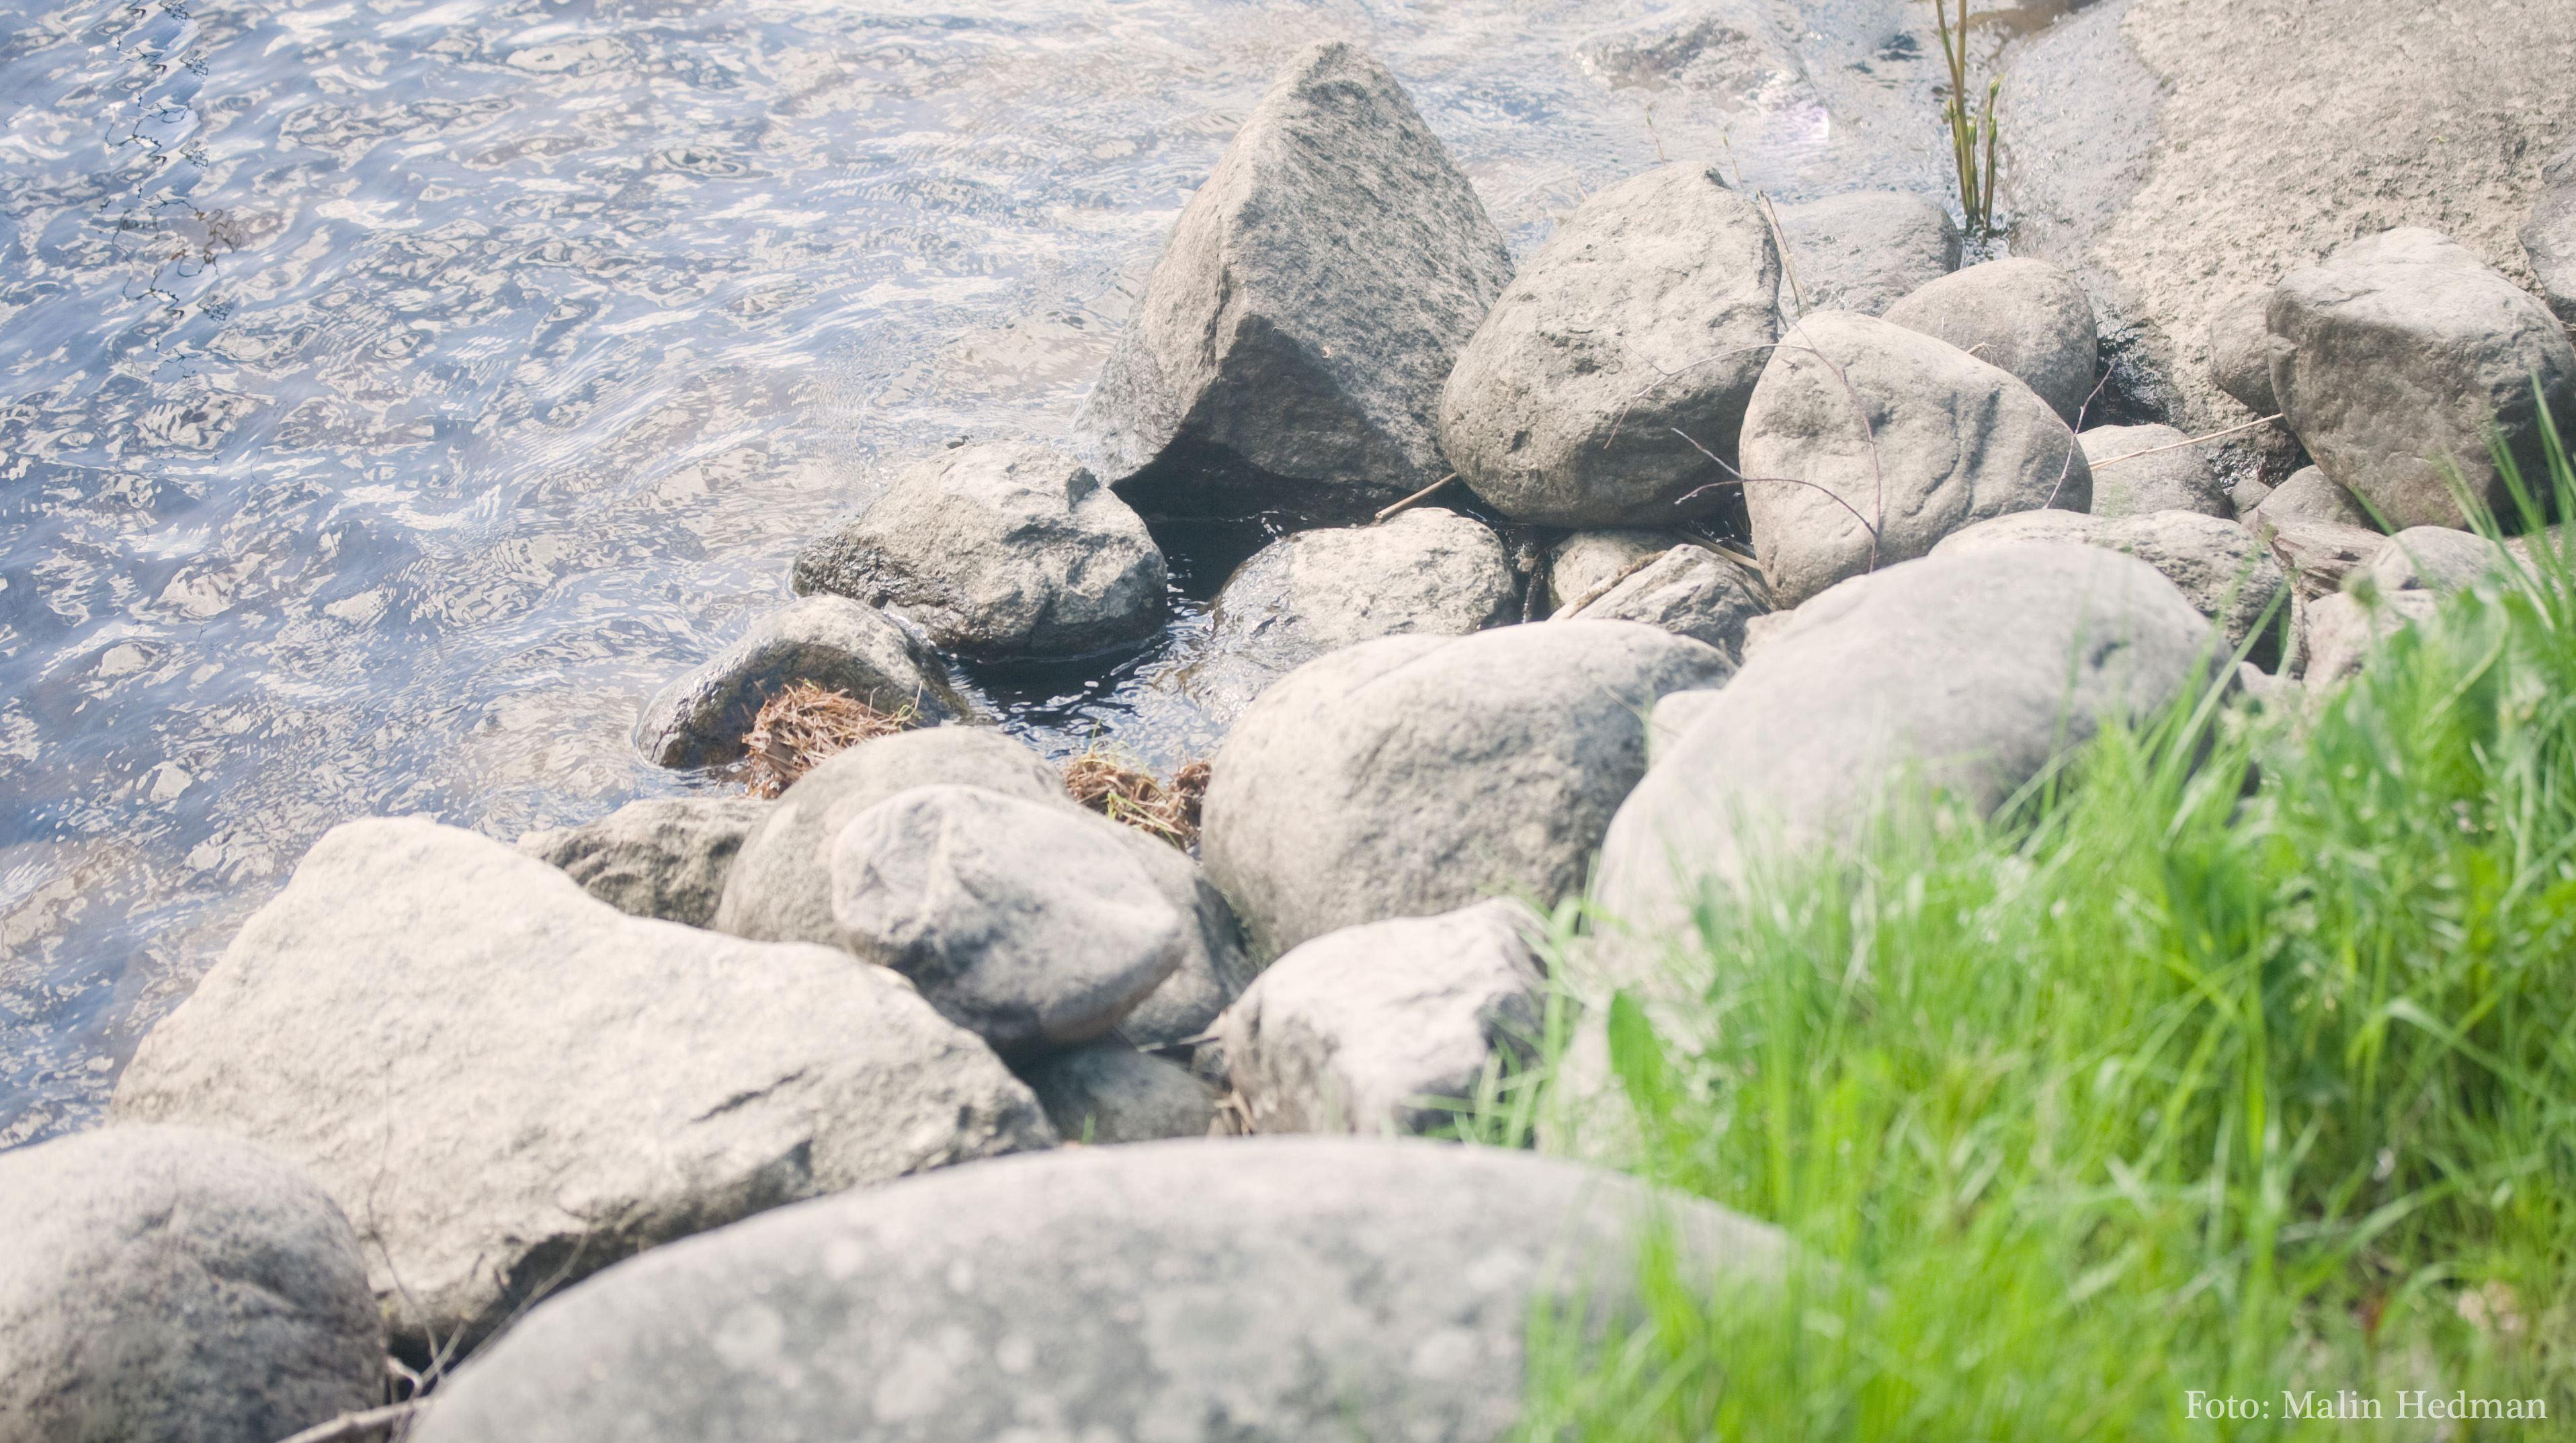 Malin Hedman,  © Malå kommun, Malå Församling